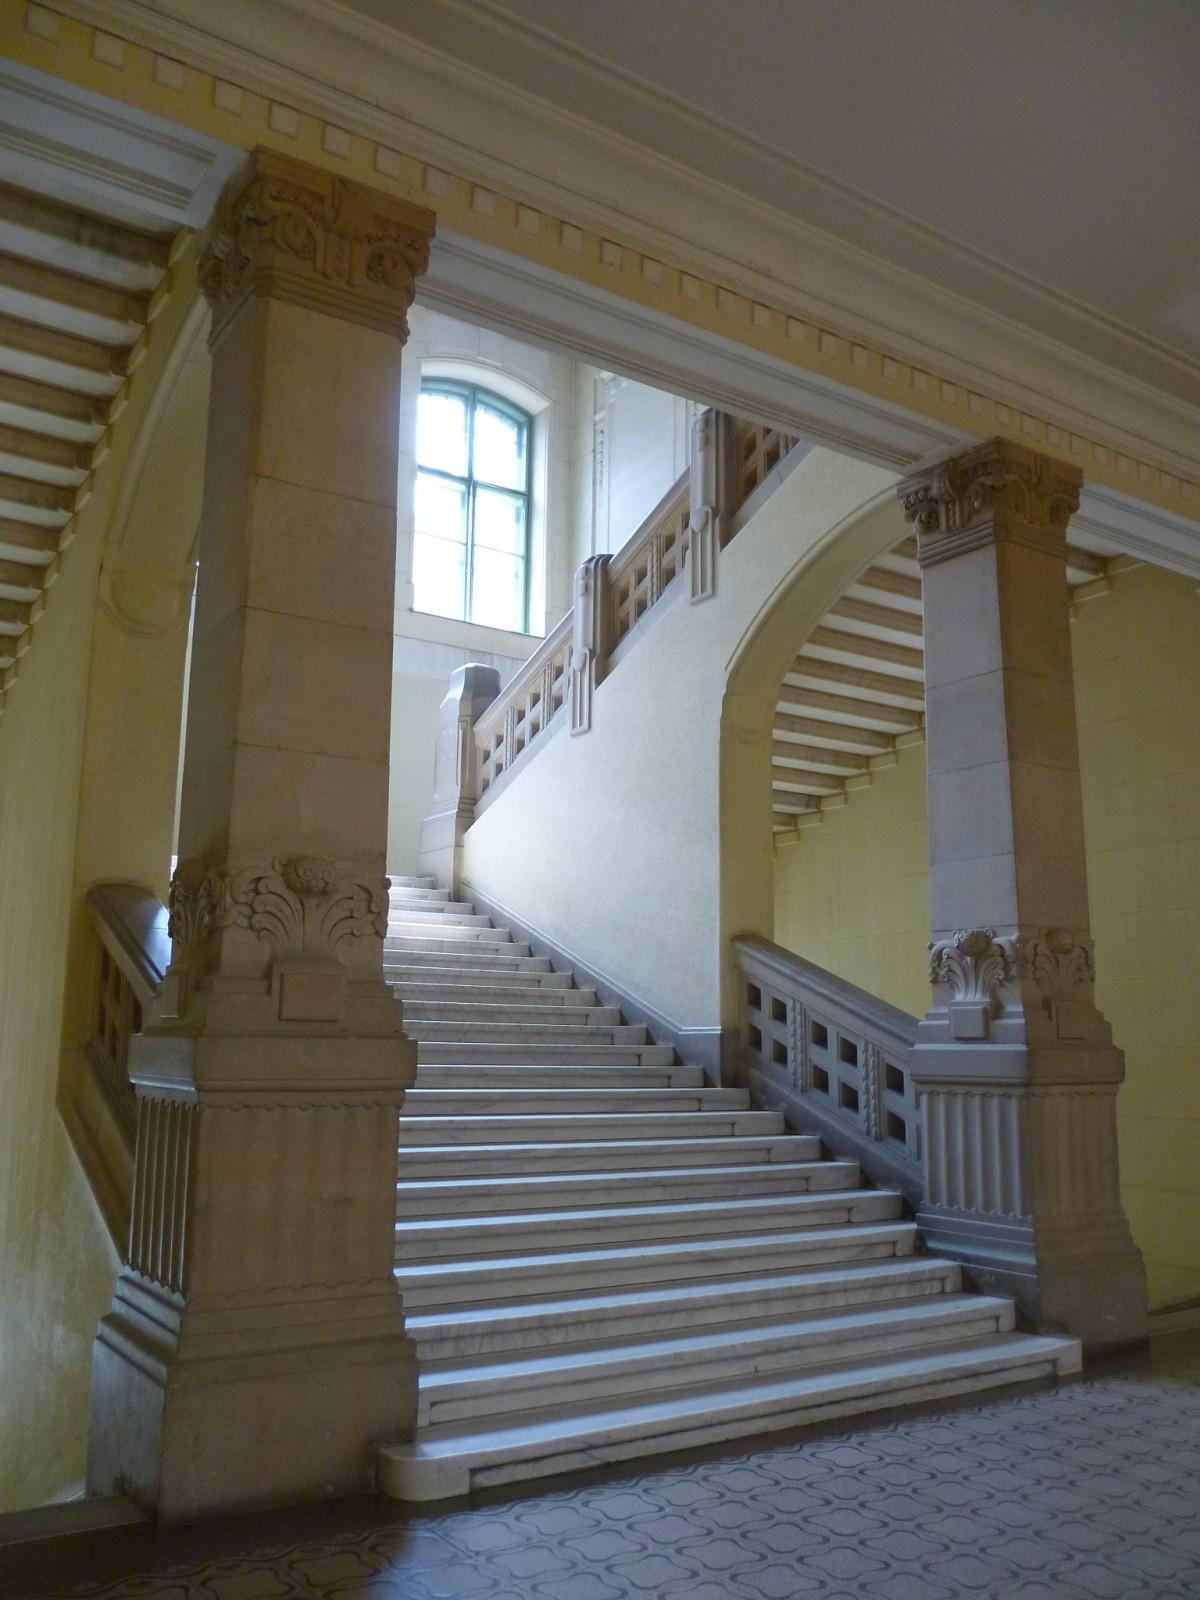 Fotos gratis arquitectura estructura madera escalera for Arquitectura de interiores universidades